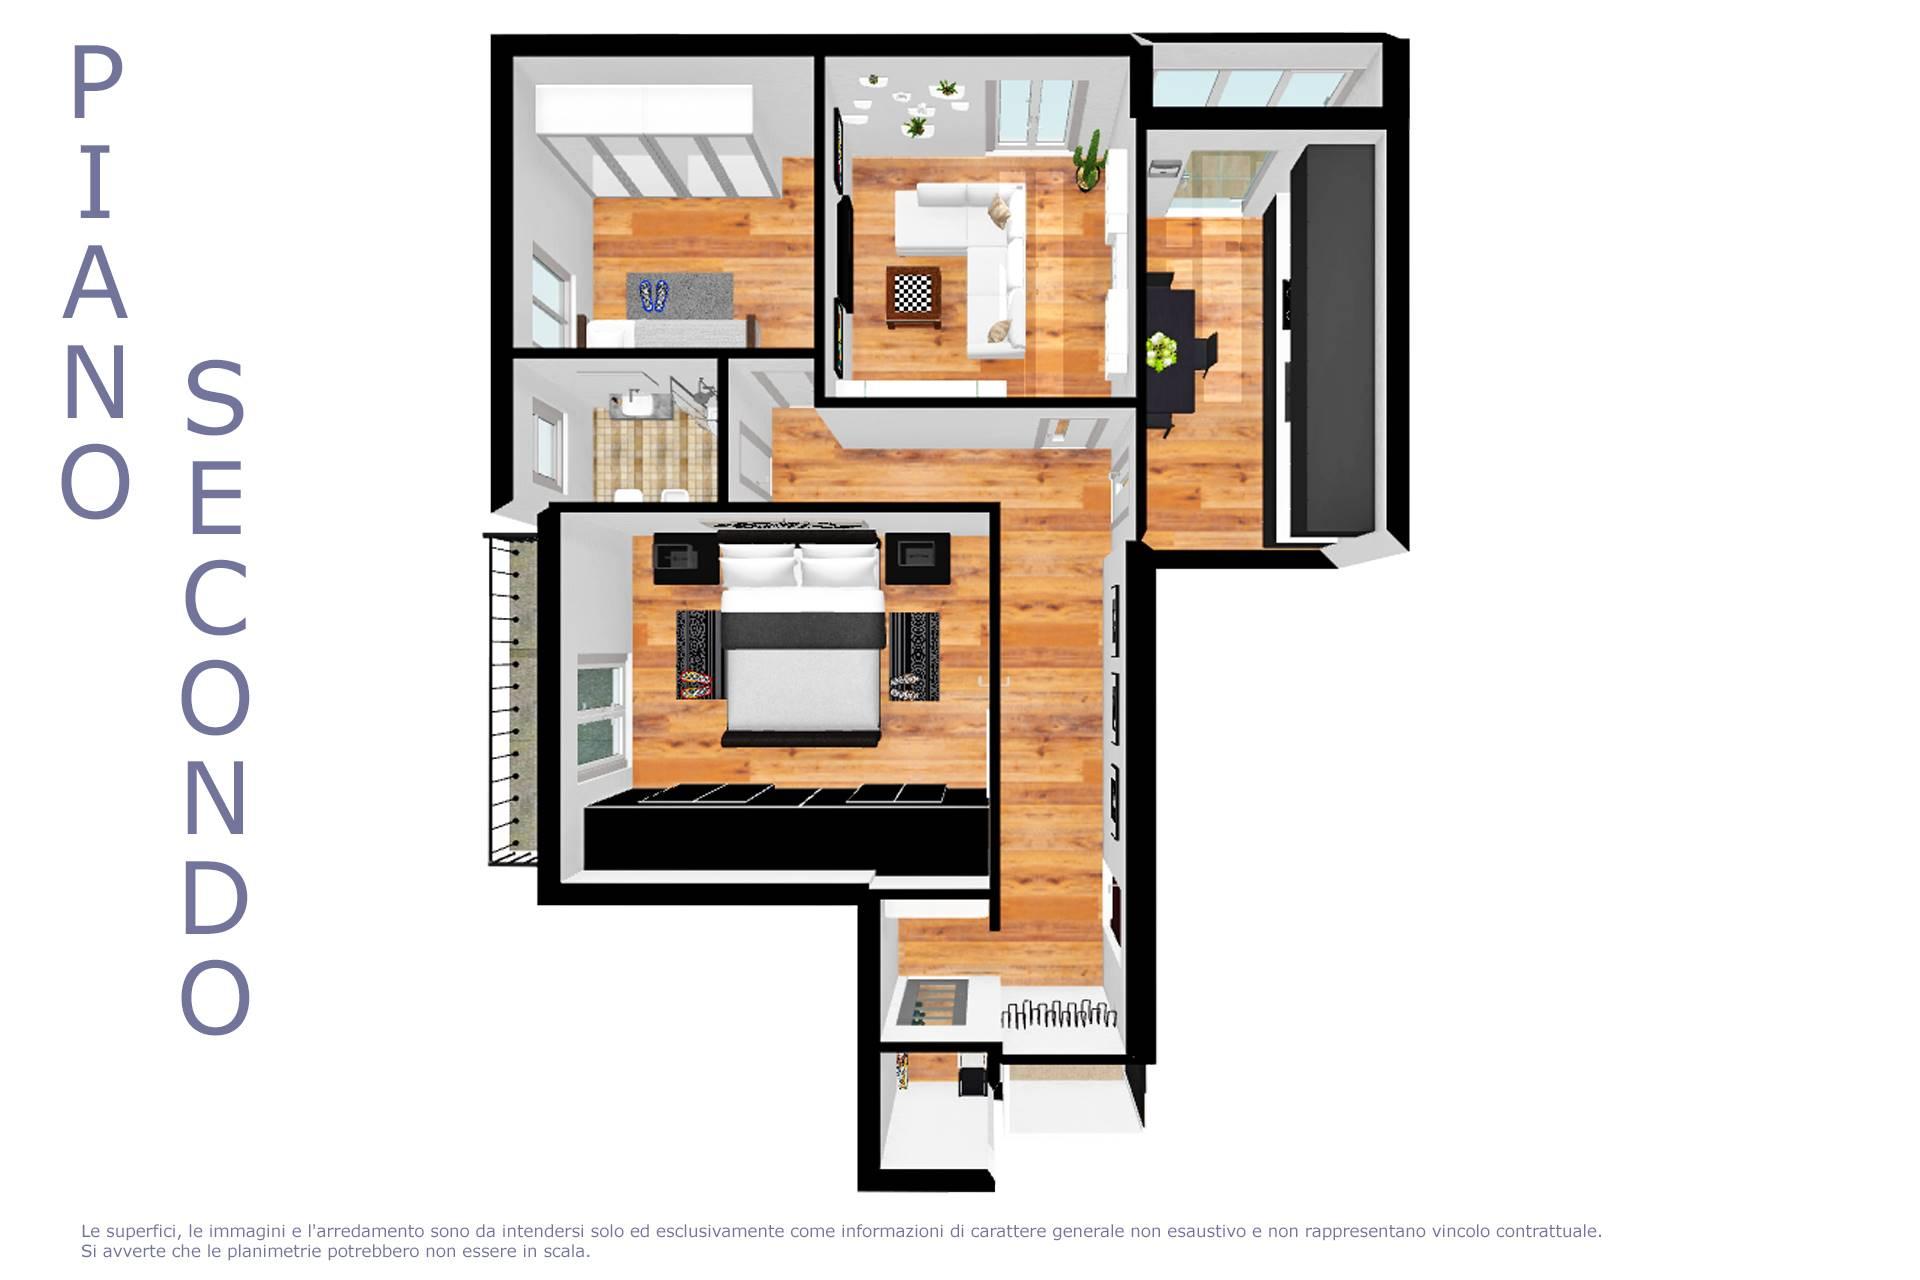 Planimetria appartamento arredata 2D